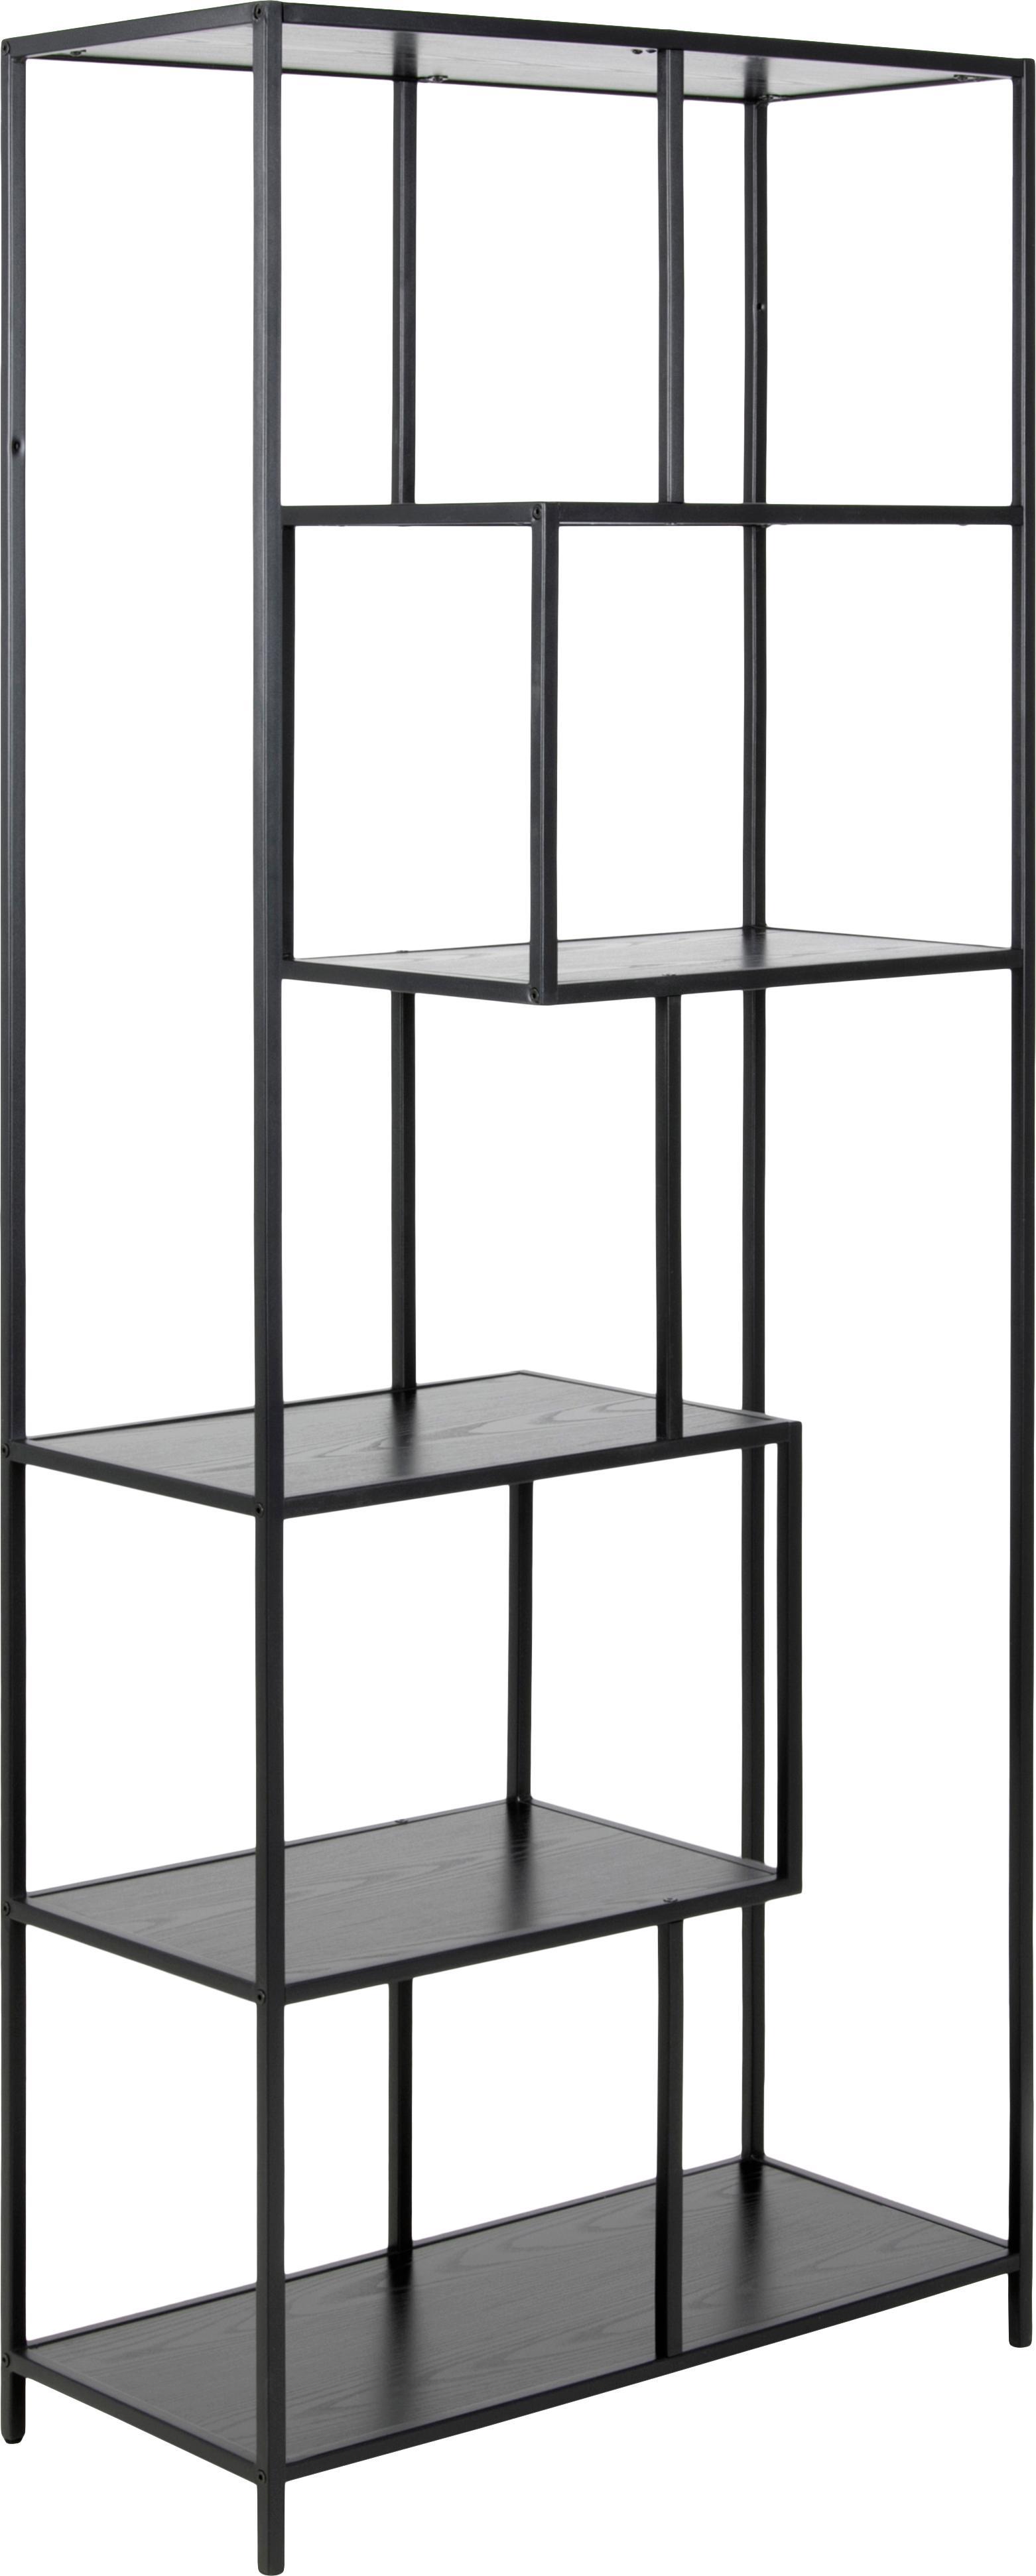 Estantería de metal Seaford Zig, Estantes: tablero de fibras de dens, Estructura: metal con pintura en polv, Negro, An 77 x Al 185 cm